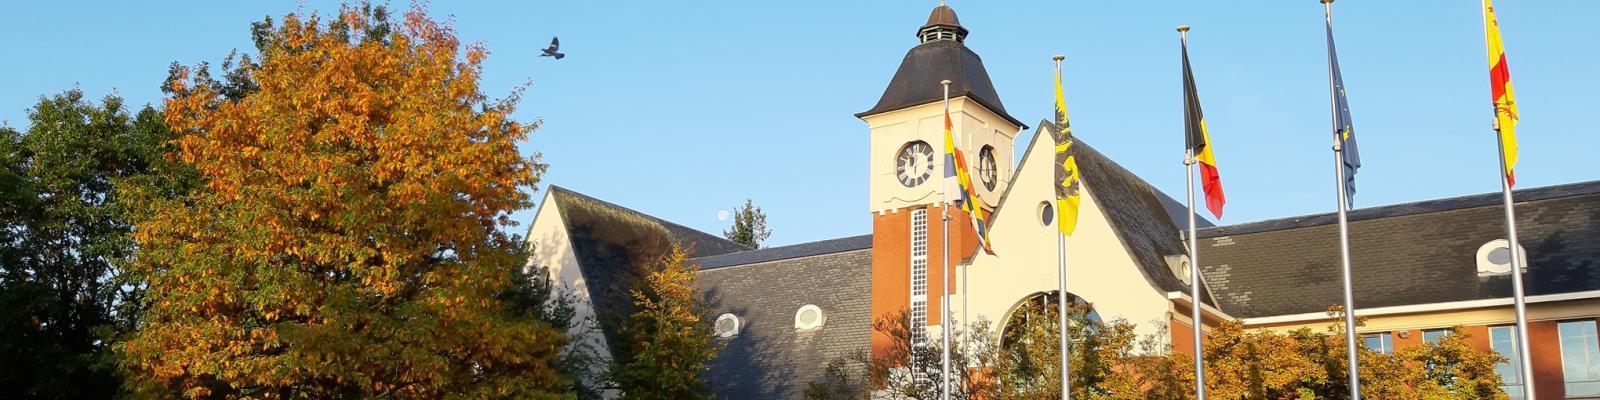 administratief centrum op mooie herfstochtend